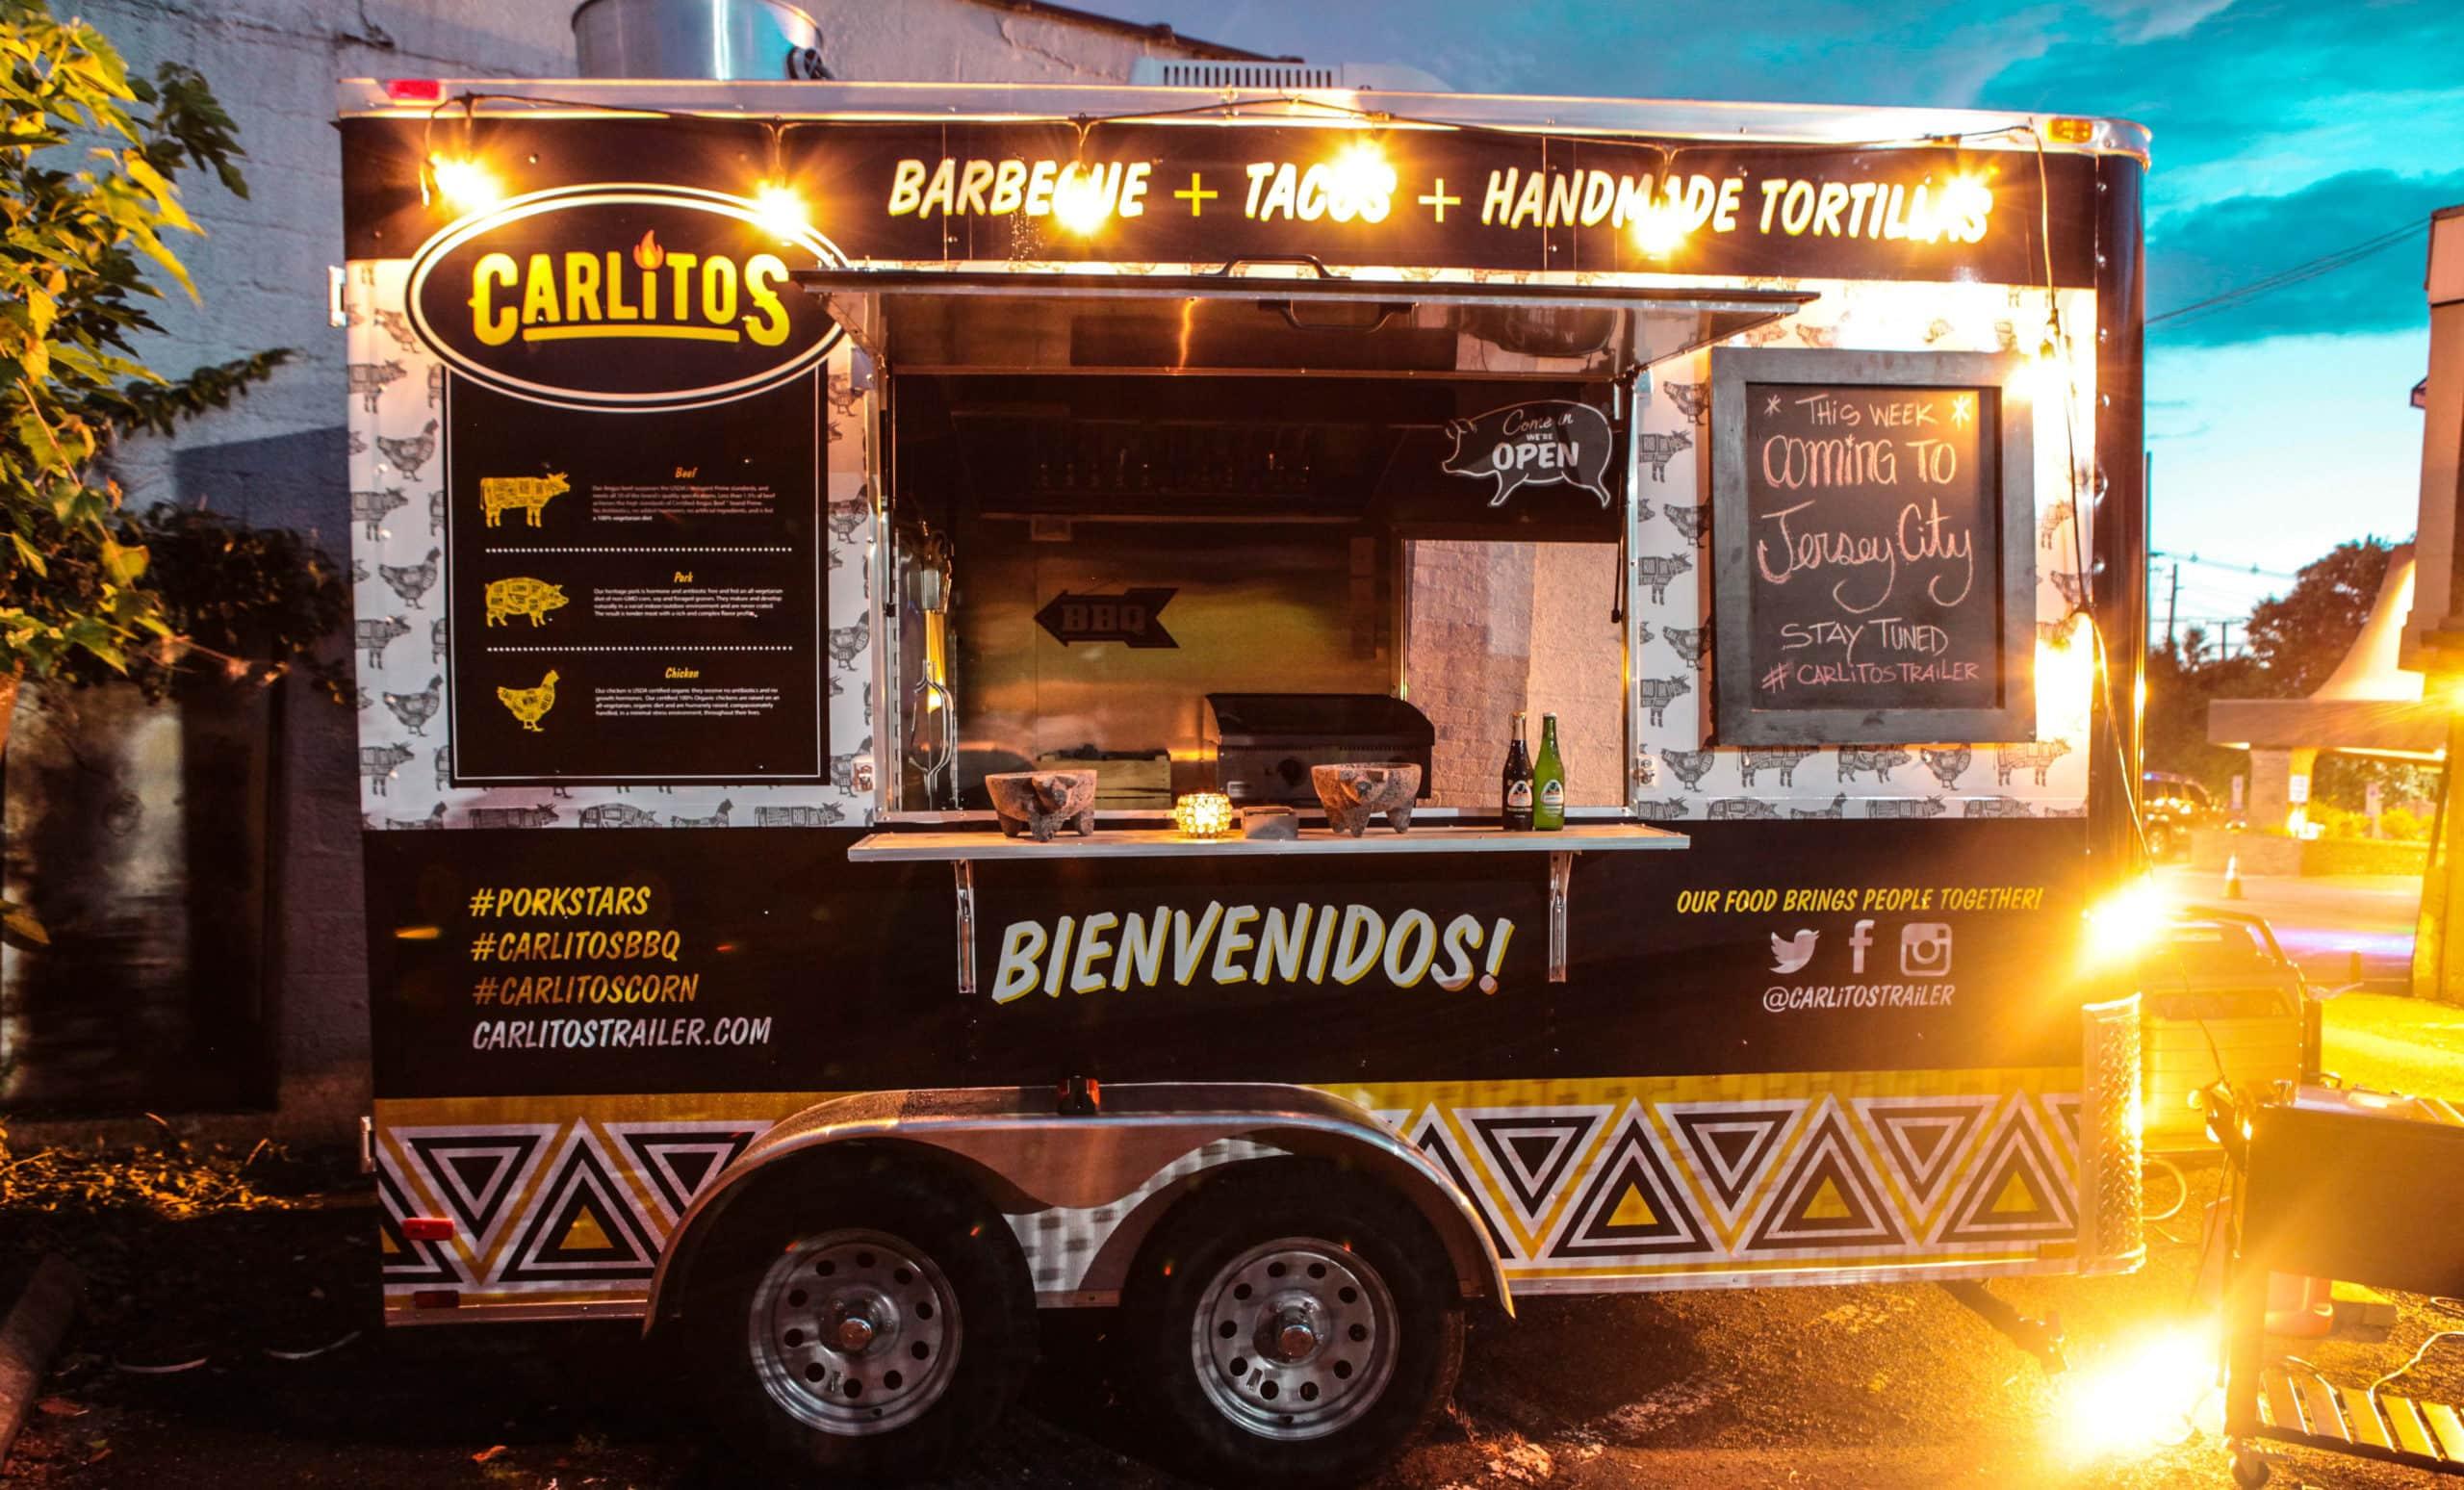 Carlitos Tacos Mexican Catering